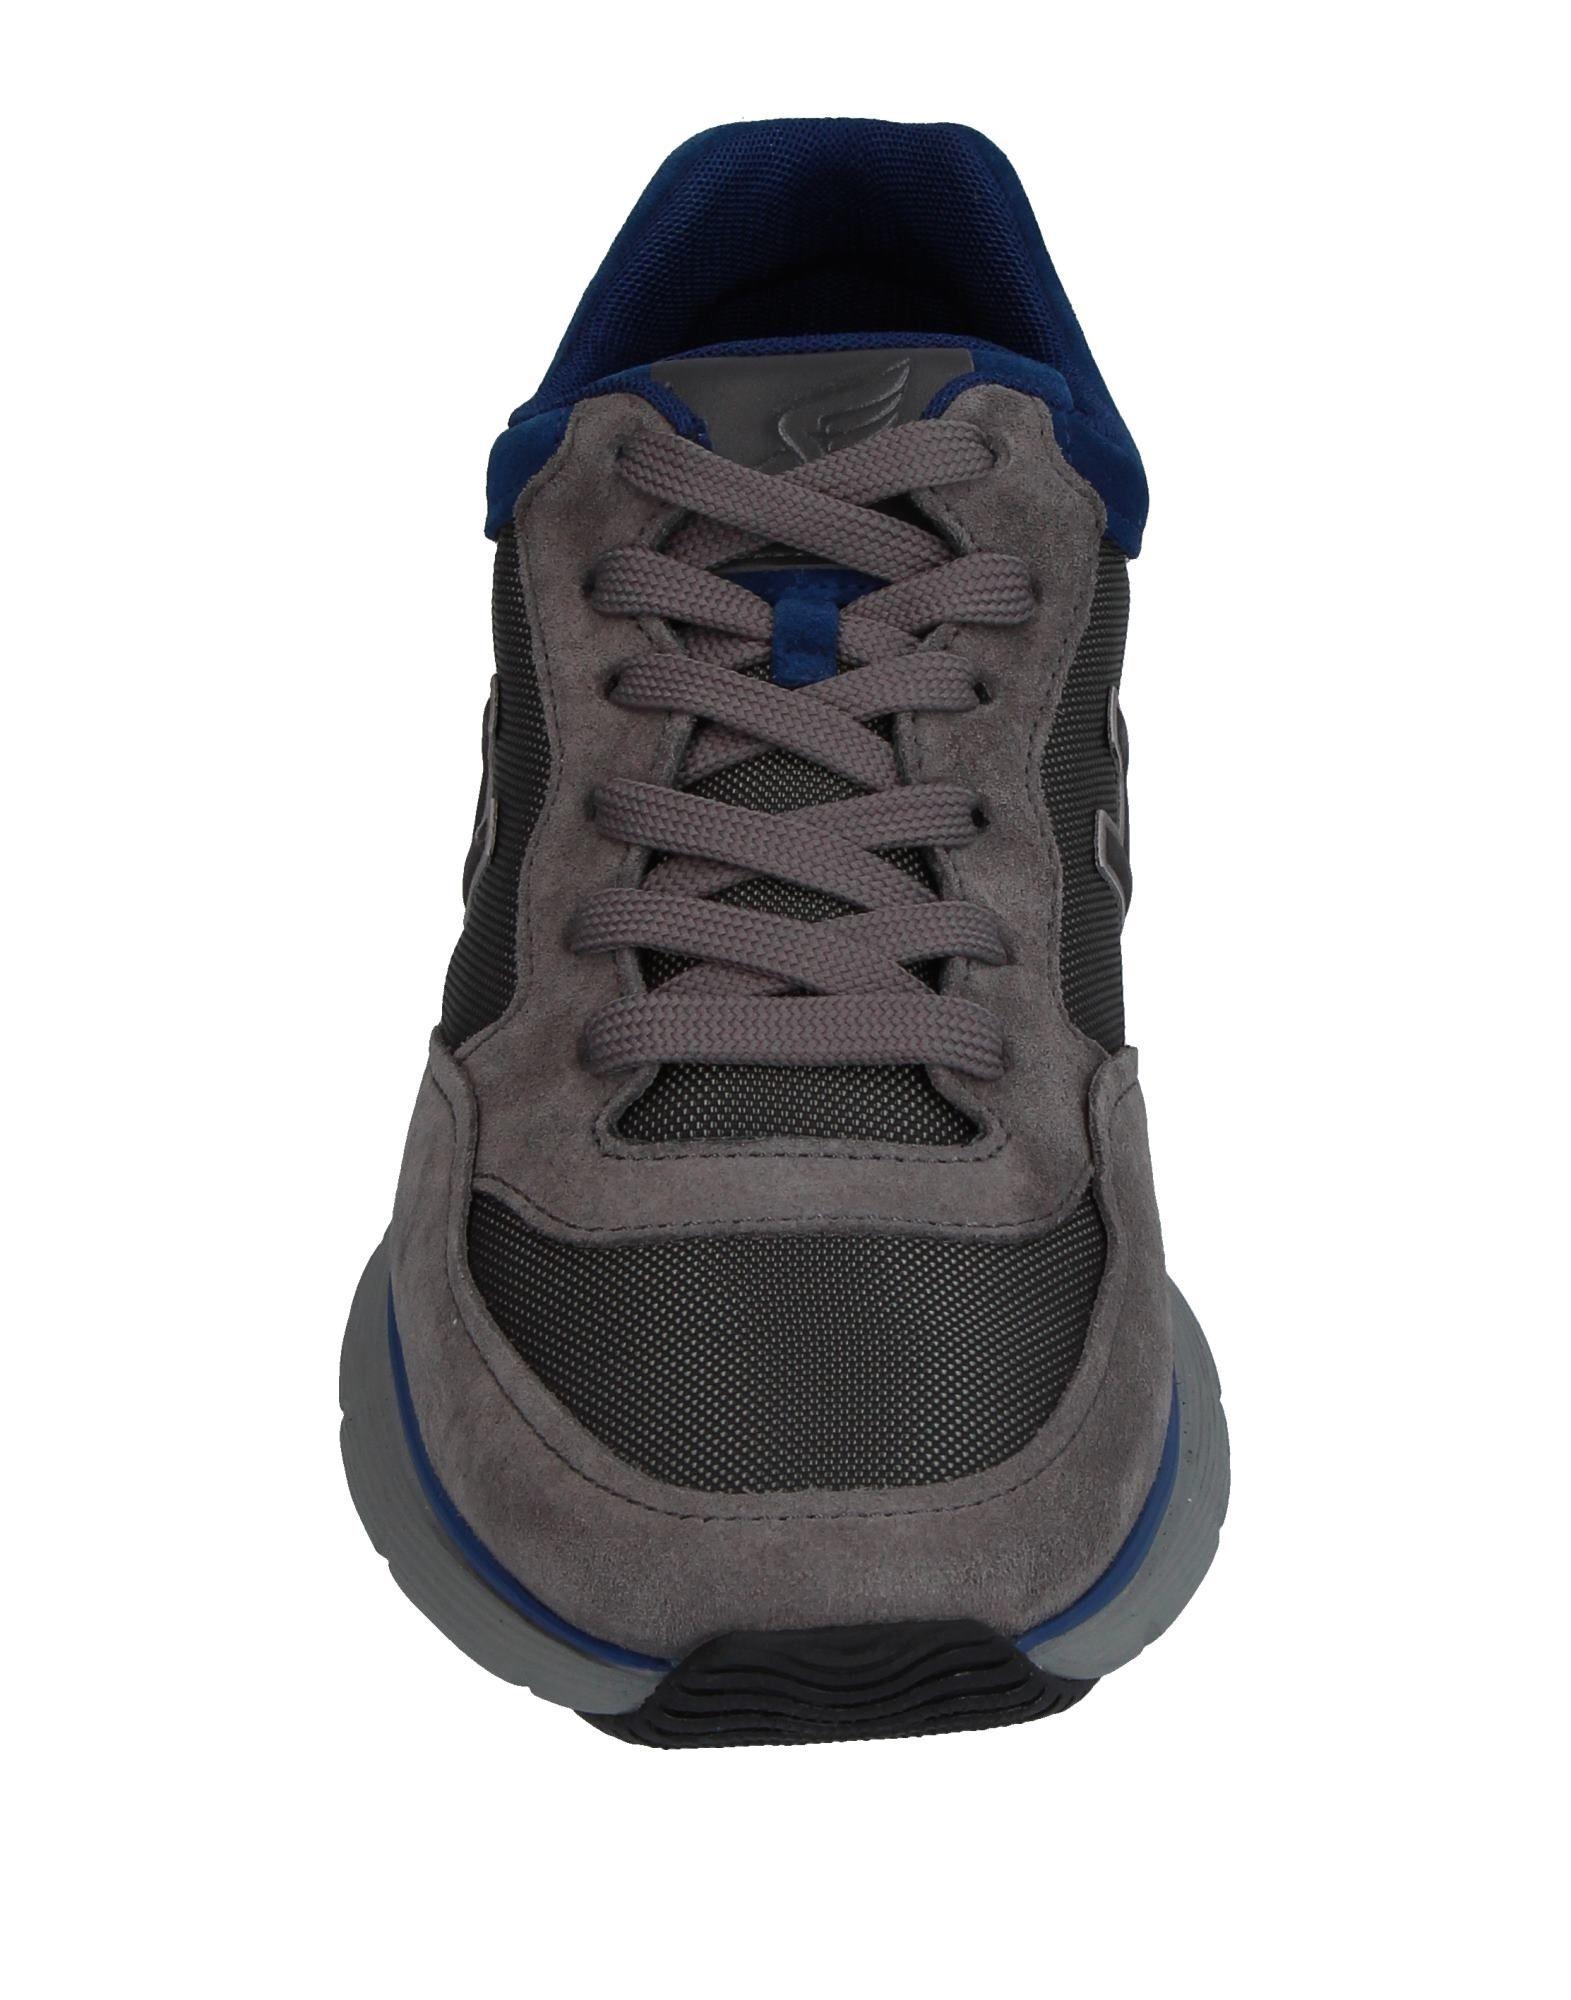 Hogan Gute Sneakers Herren  11349511CG Gute Hogan Qualität beliebte Schuhe 3c238d